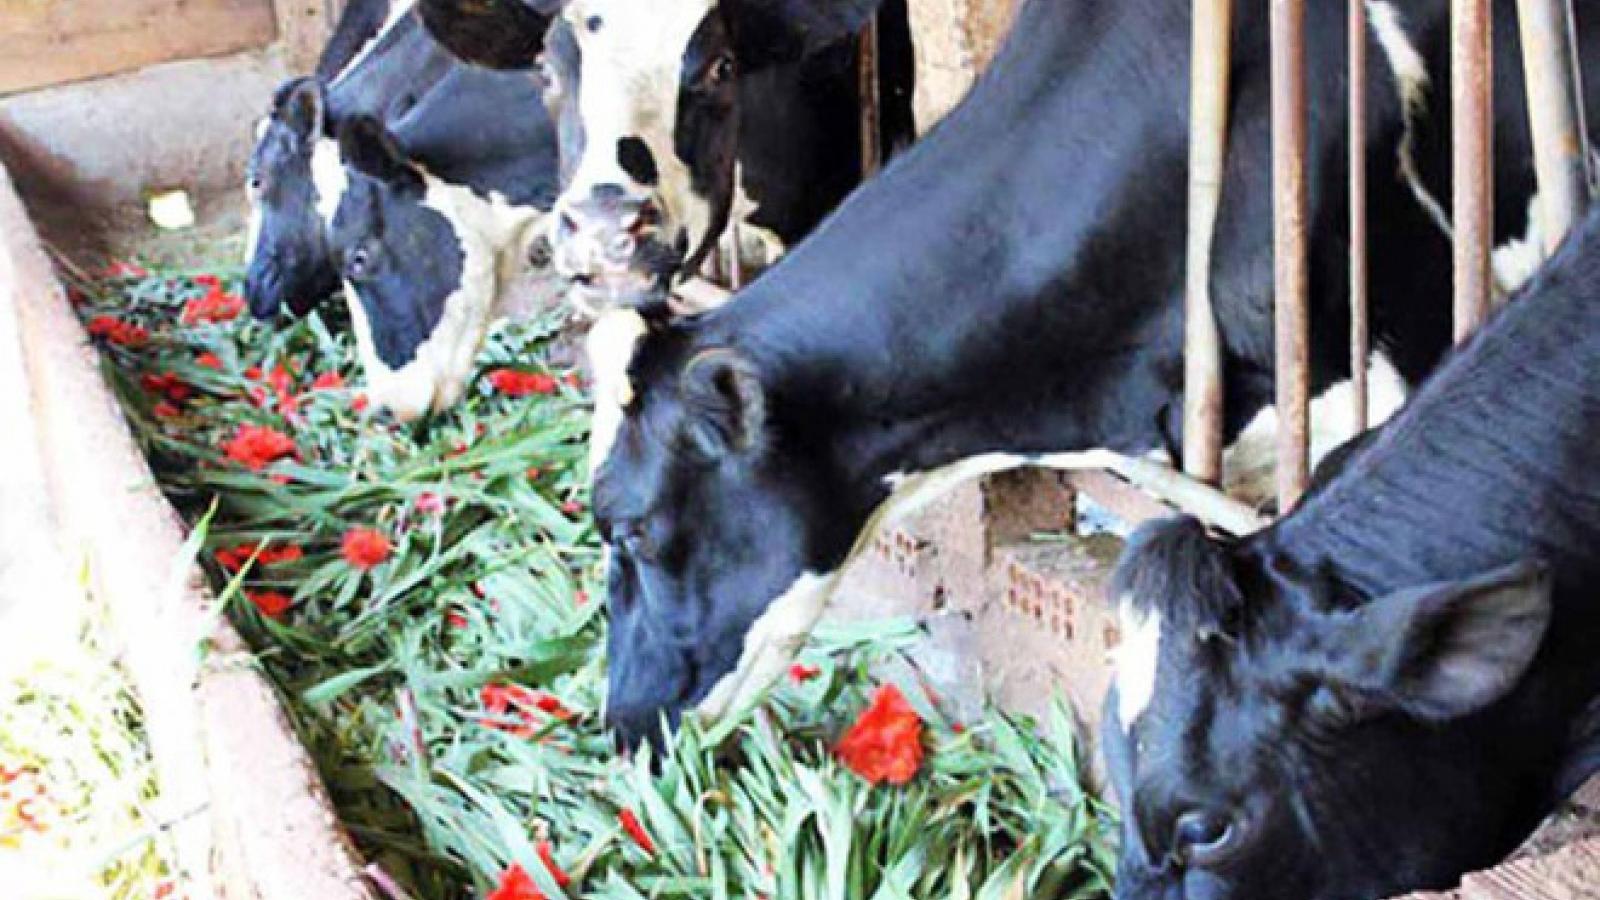 Làng lay ơn lớn nhất nước thiệt hại nặng, giá hoa rẻ hơn cỏ cho bò ăn